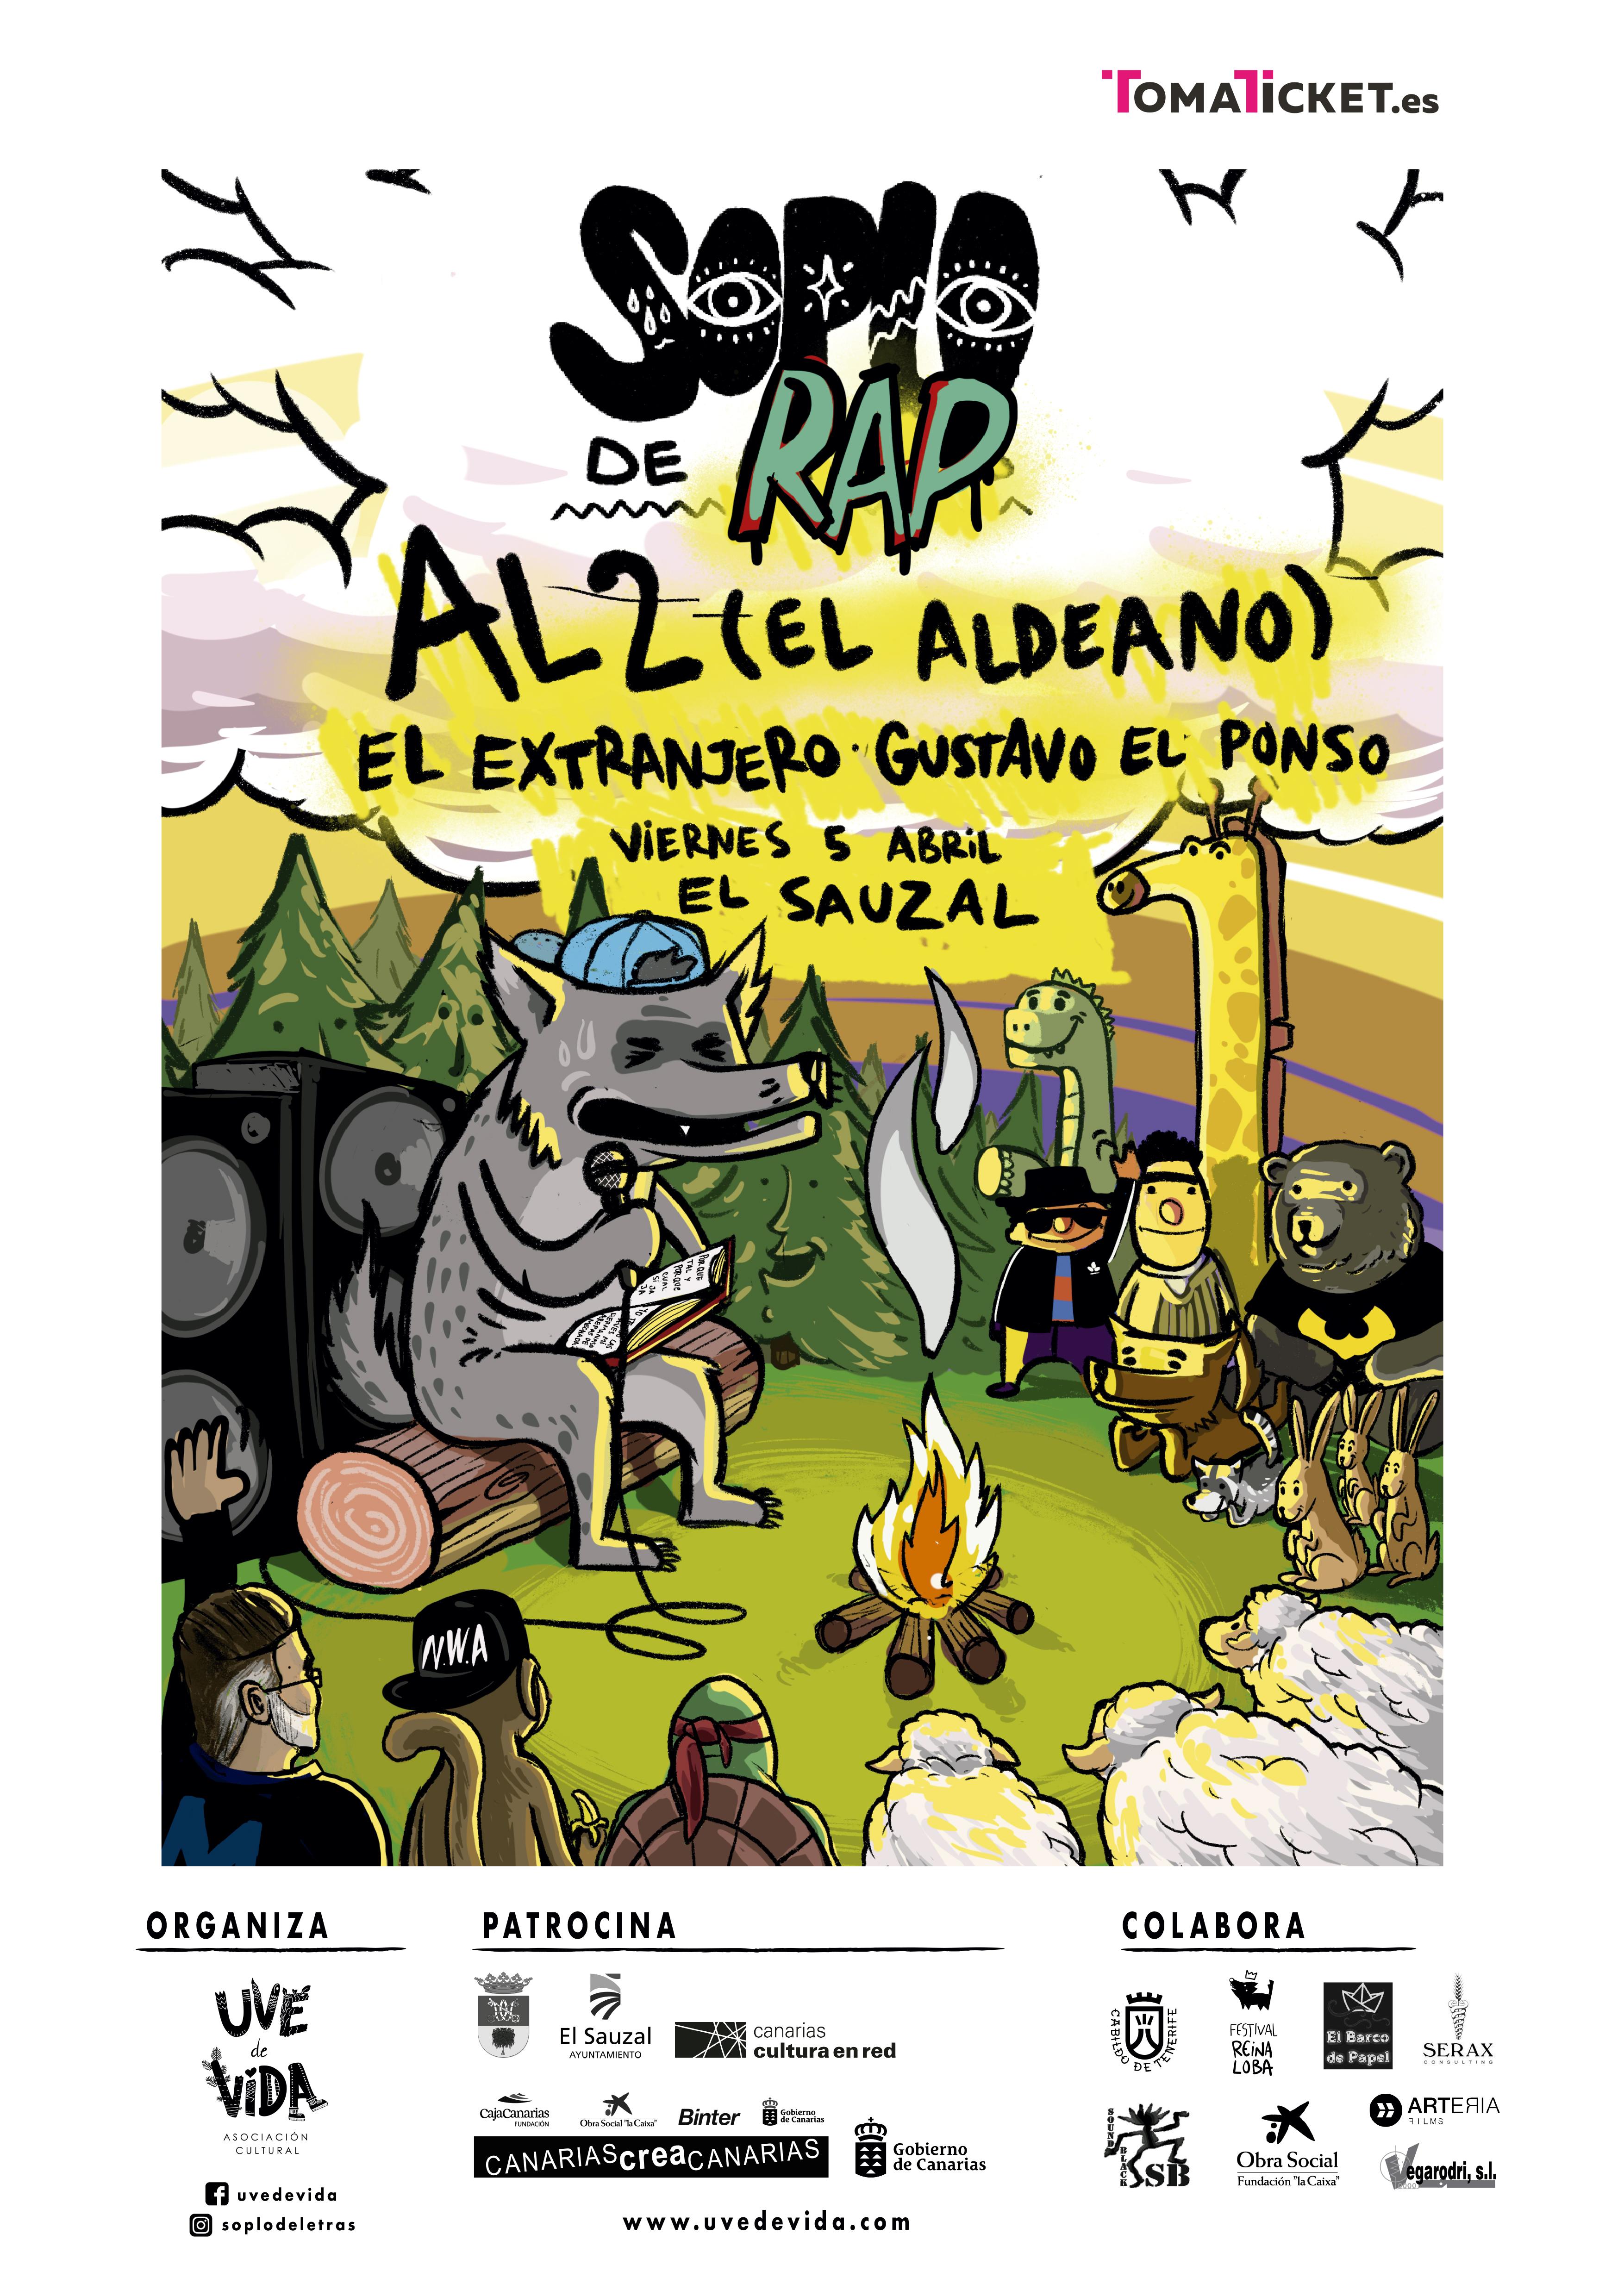 Soplo de Rap - AL2 El Aldeano